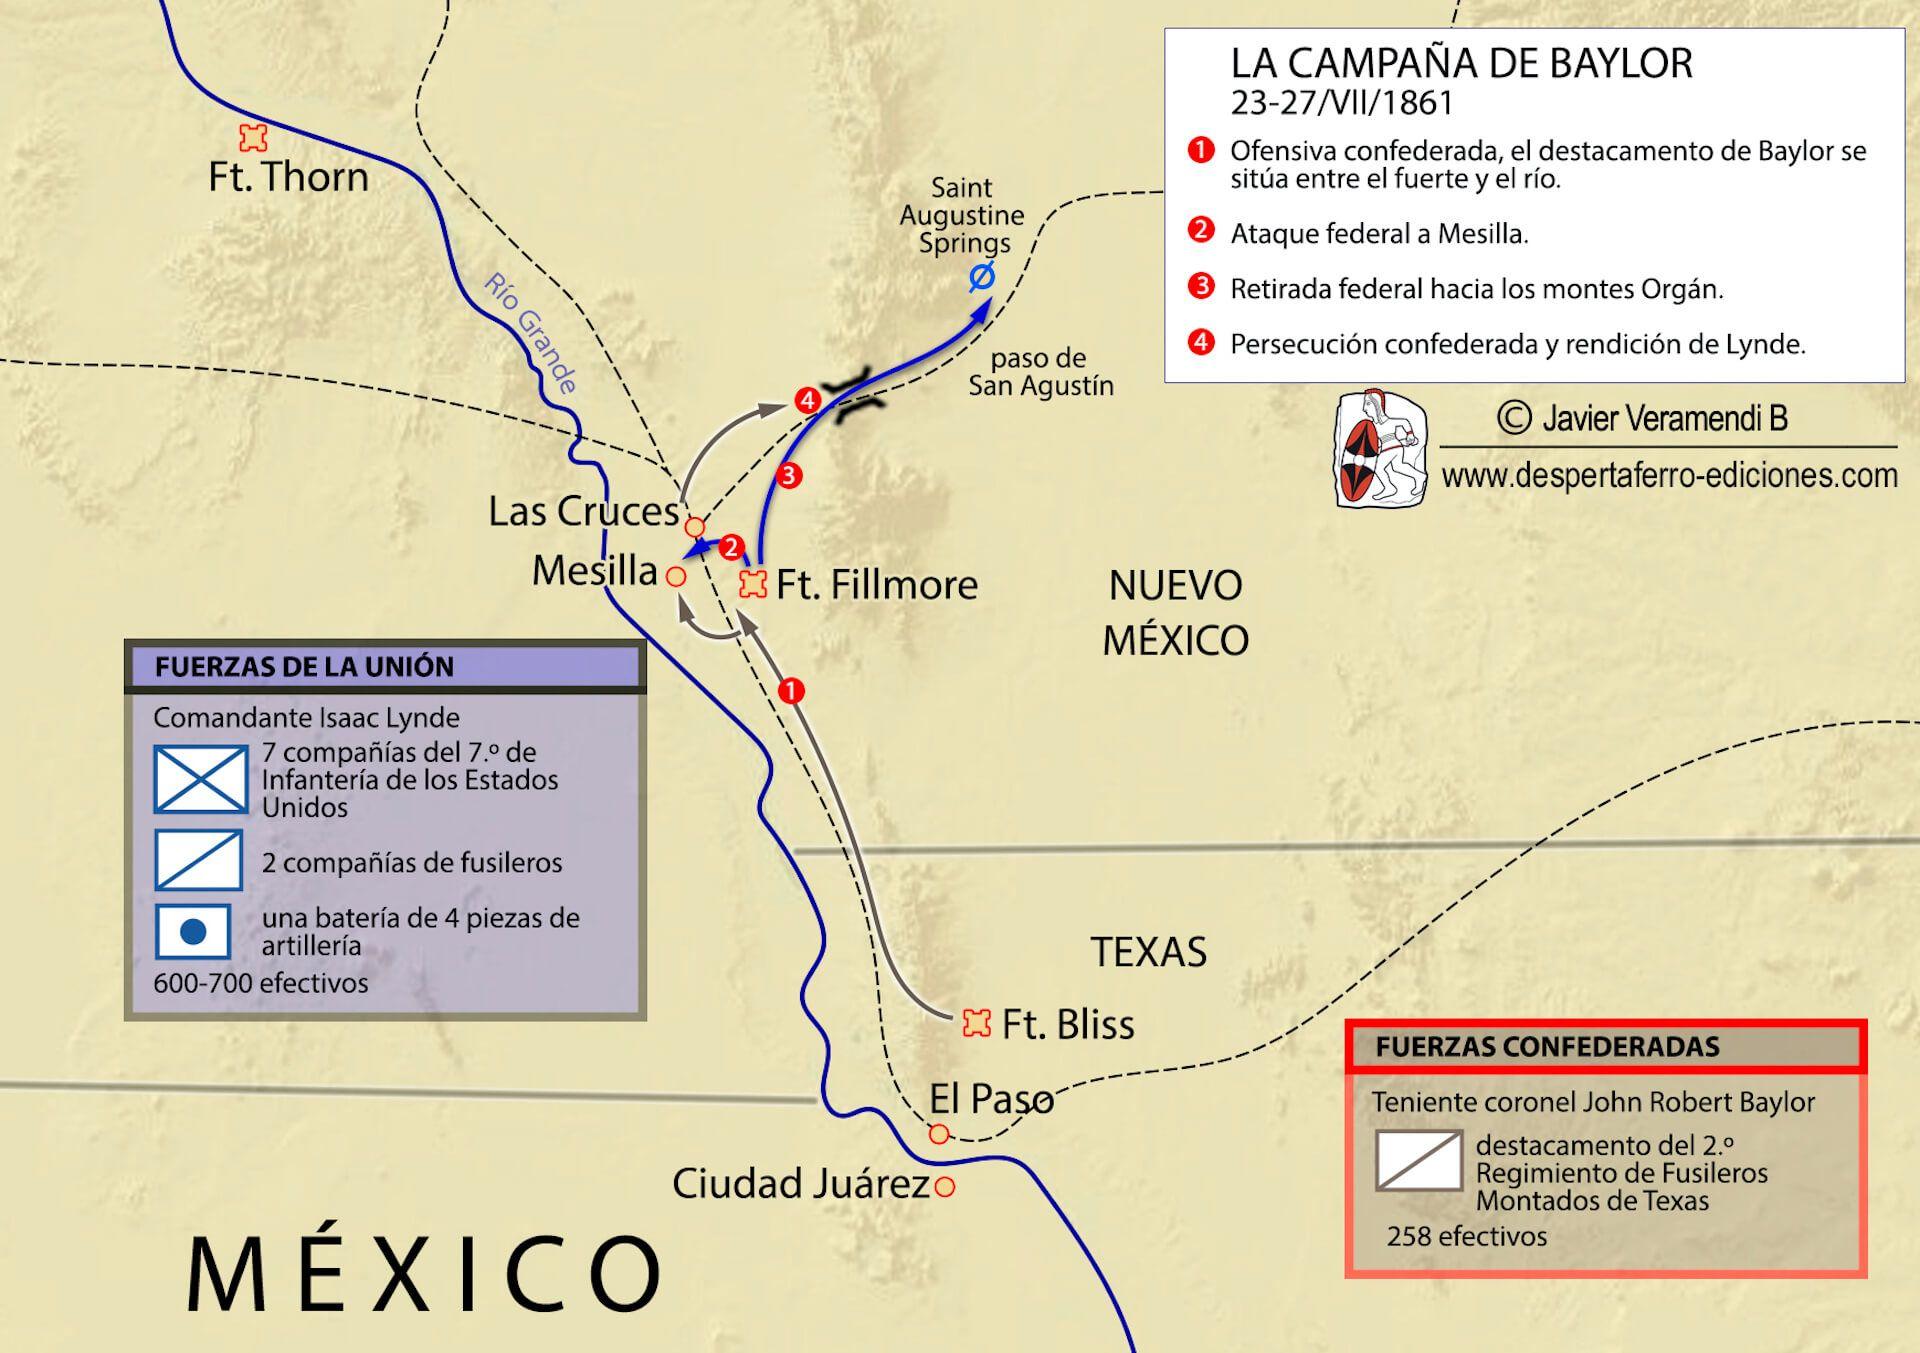 Imperio confederado en el río grande Texas campaña de Baylor Guerra de Secesión